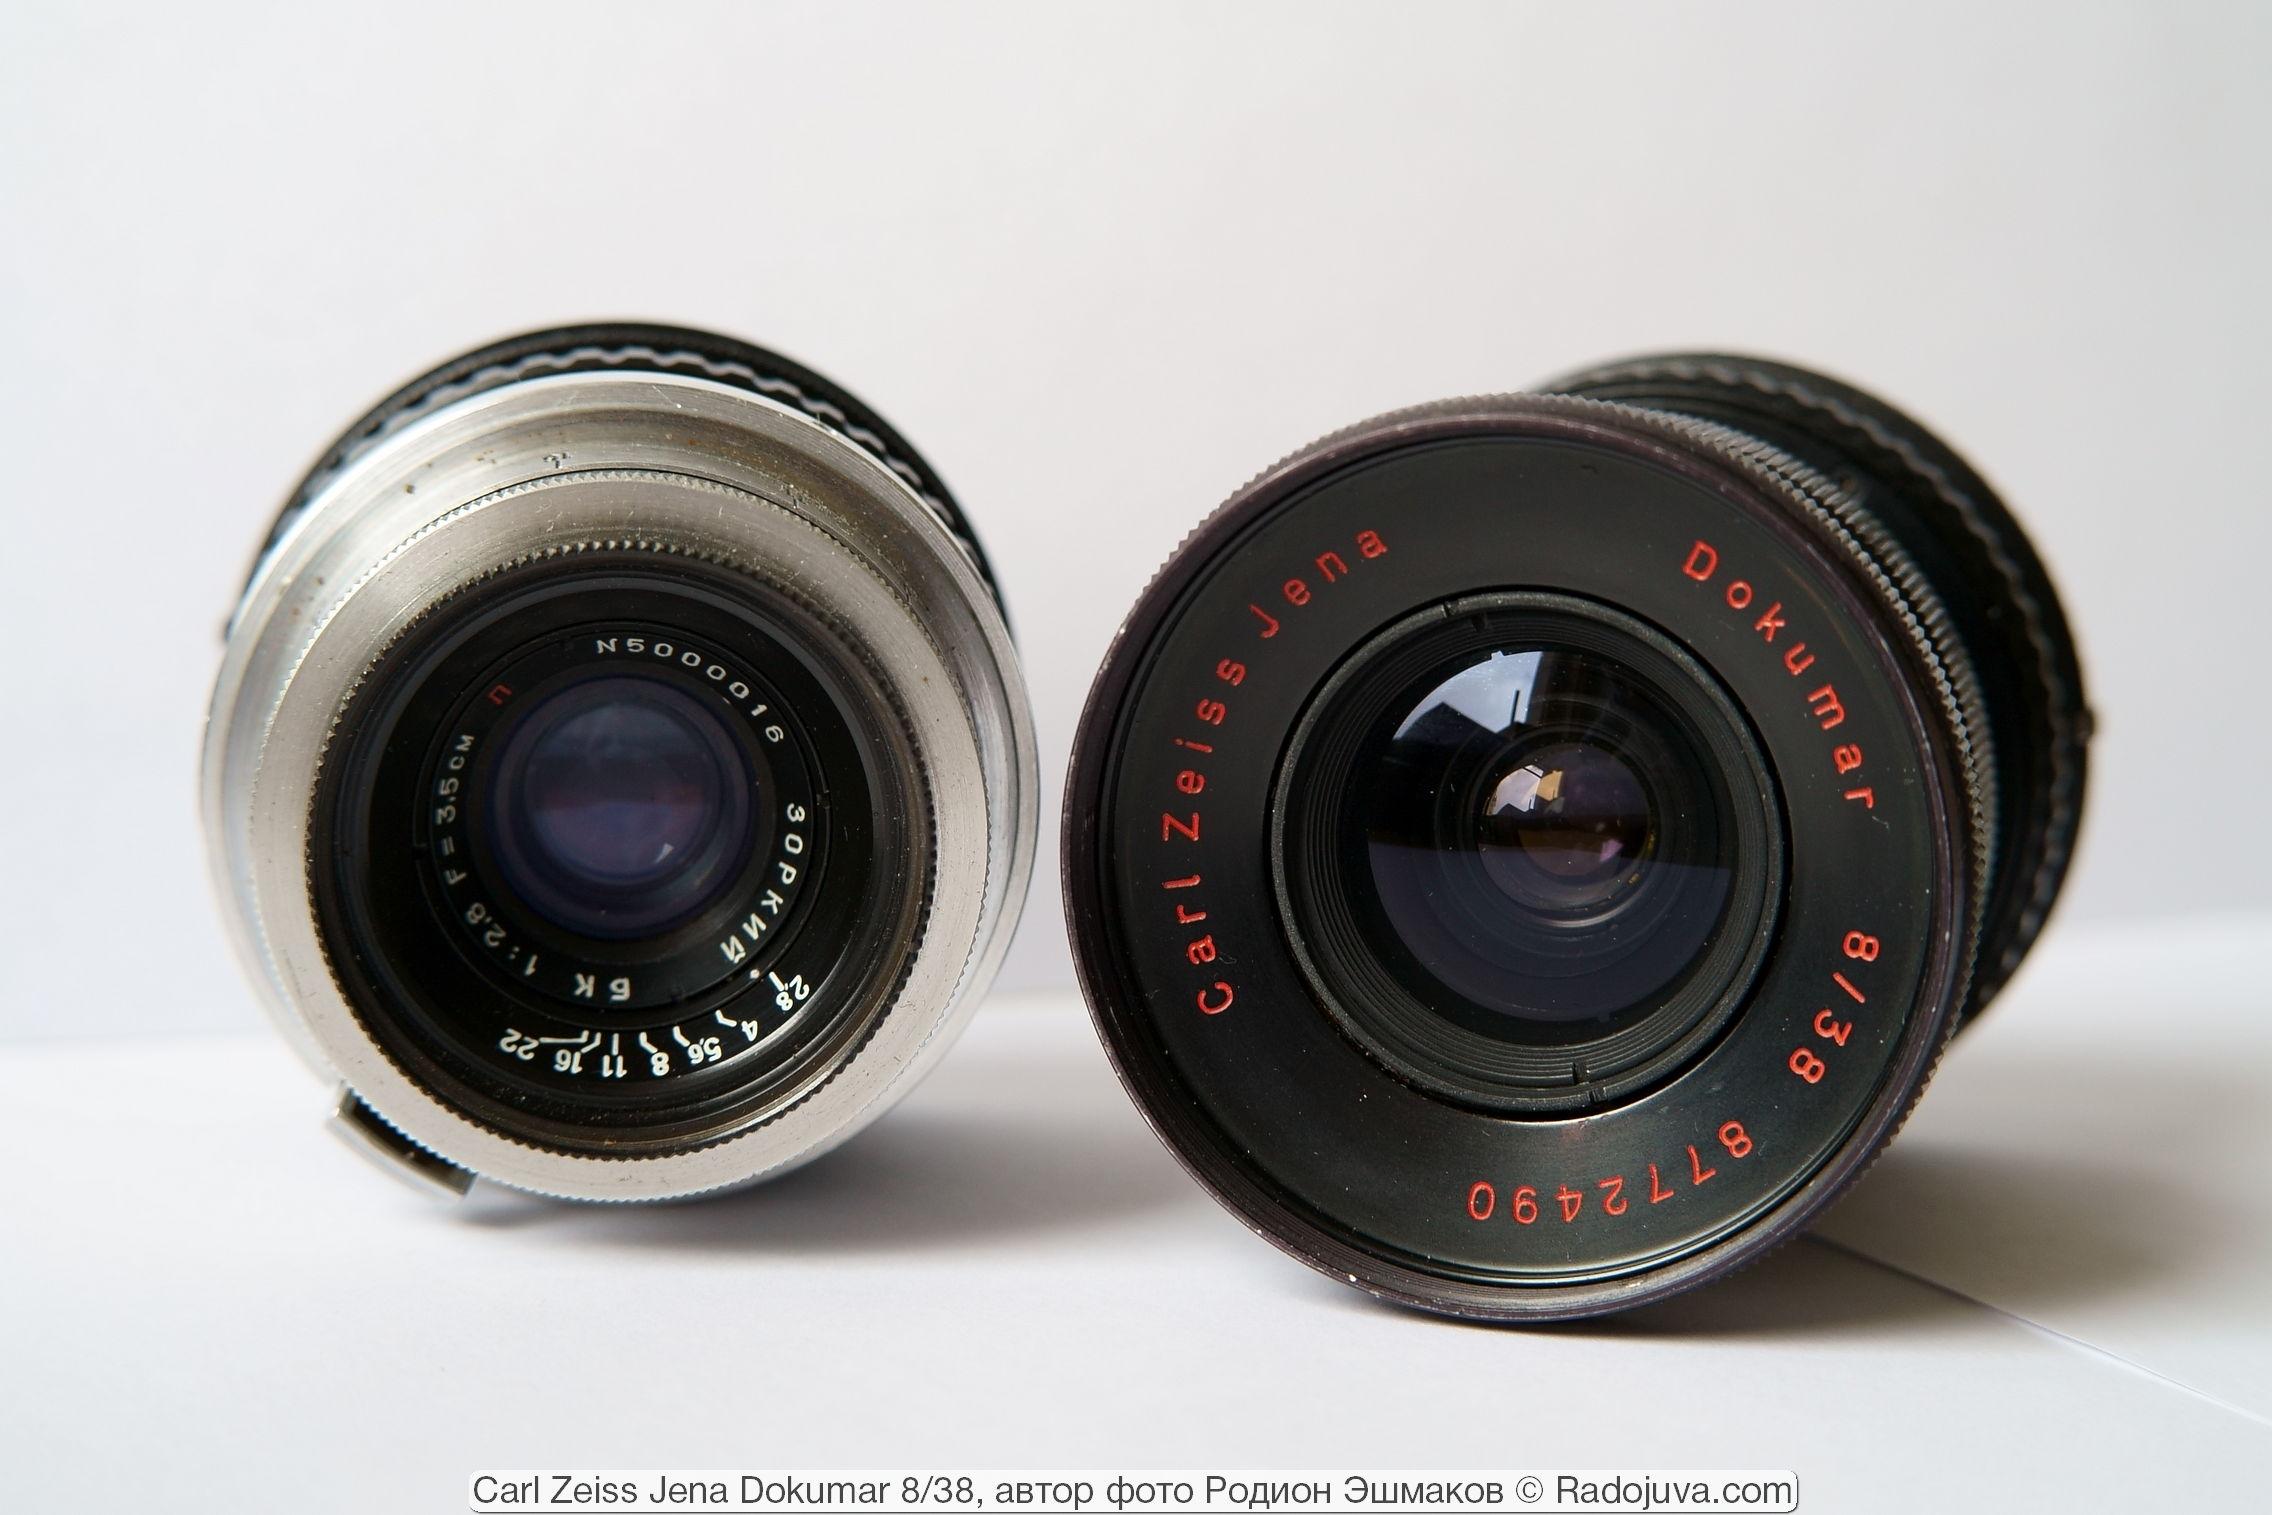 Необычно велики и габариты носовой части Dokumar 38/8 в сравнении с другими подобными объективами.